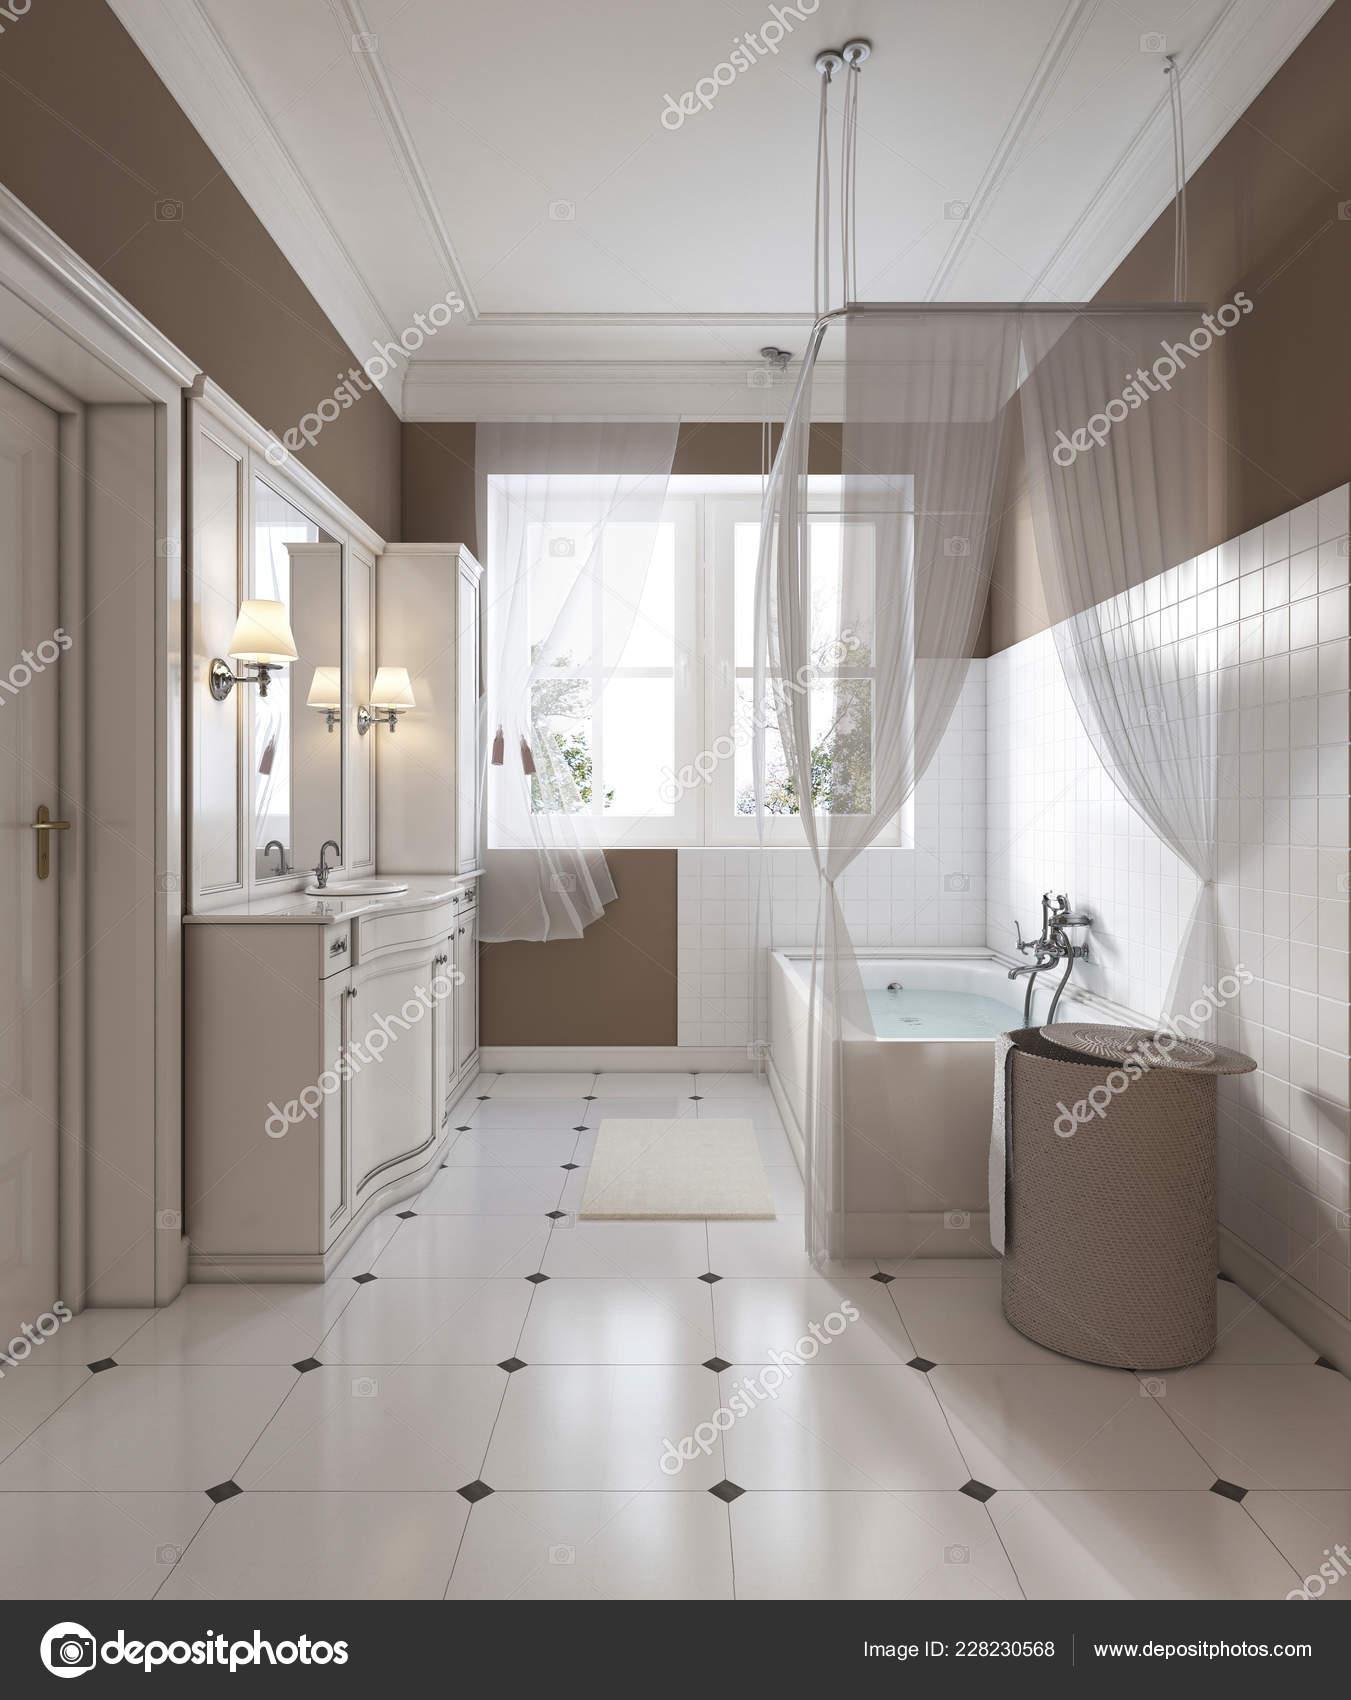 Arredo bagno stile classico vanit vasca bagno rendering for Arredo bagno stile classico